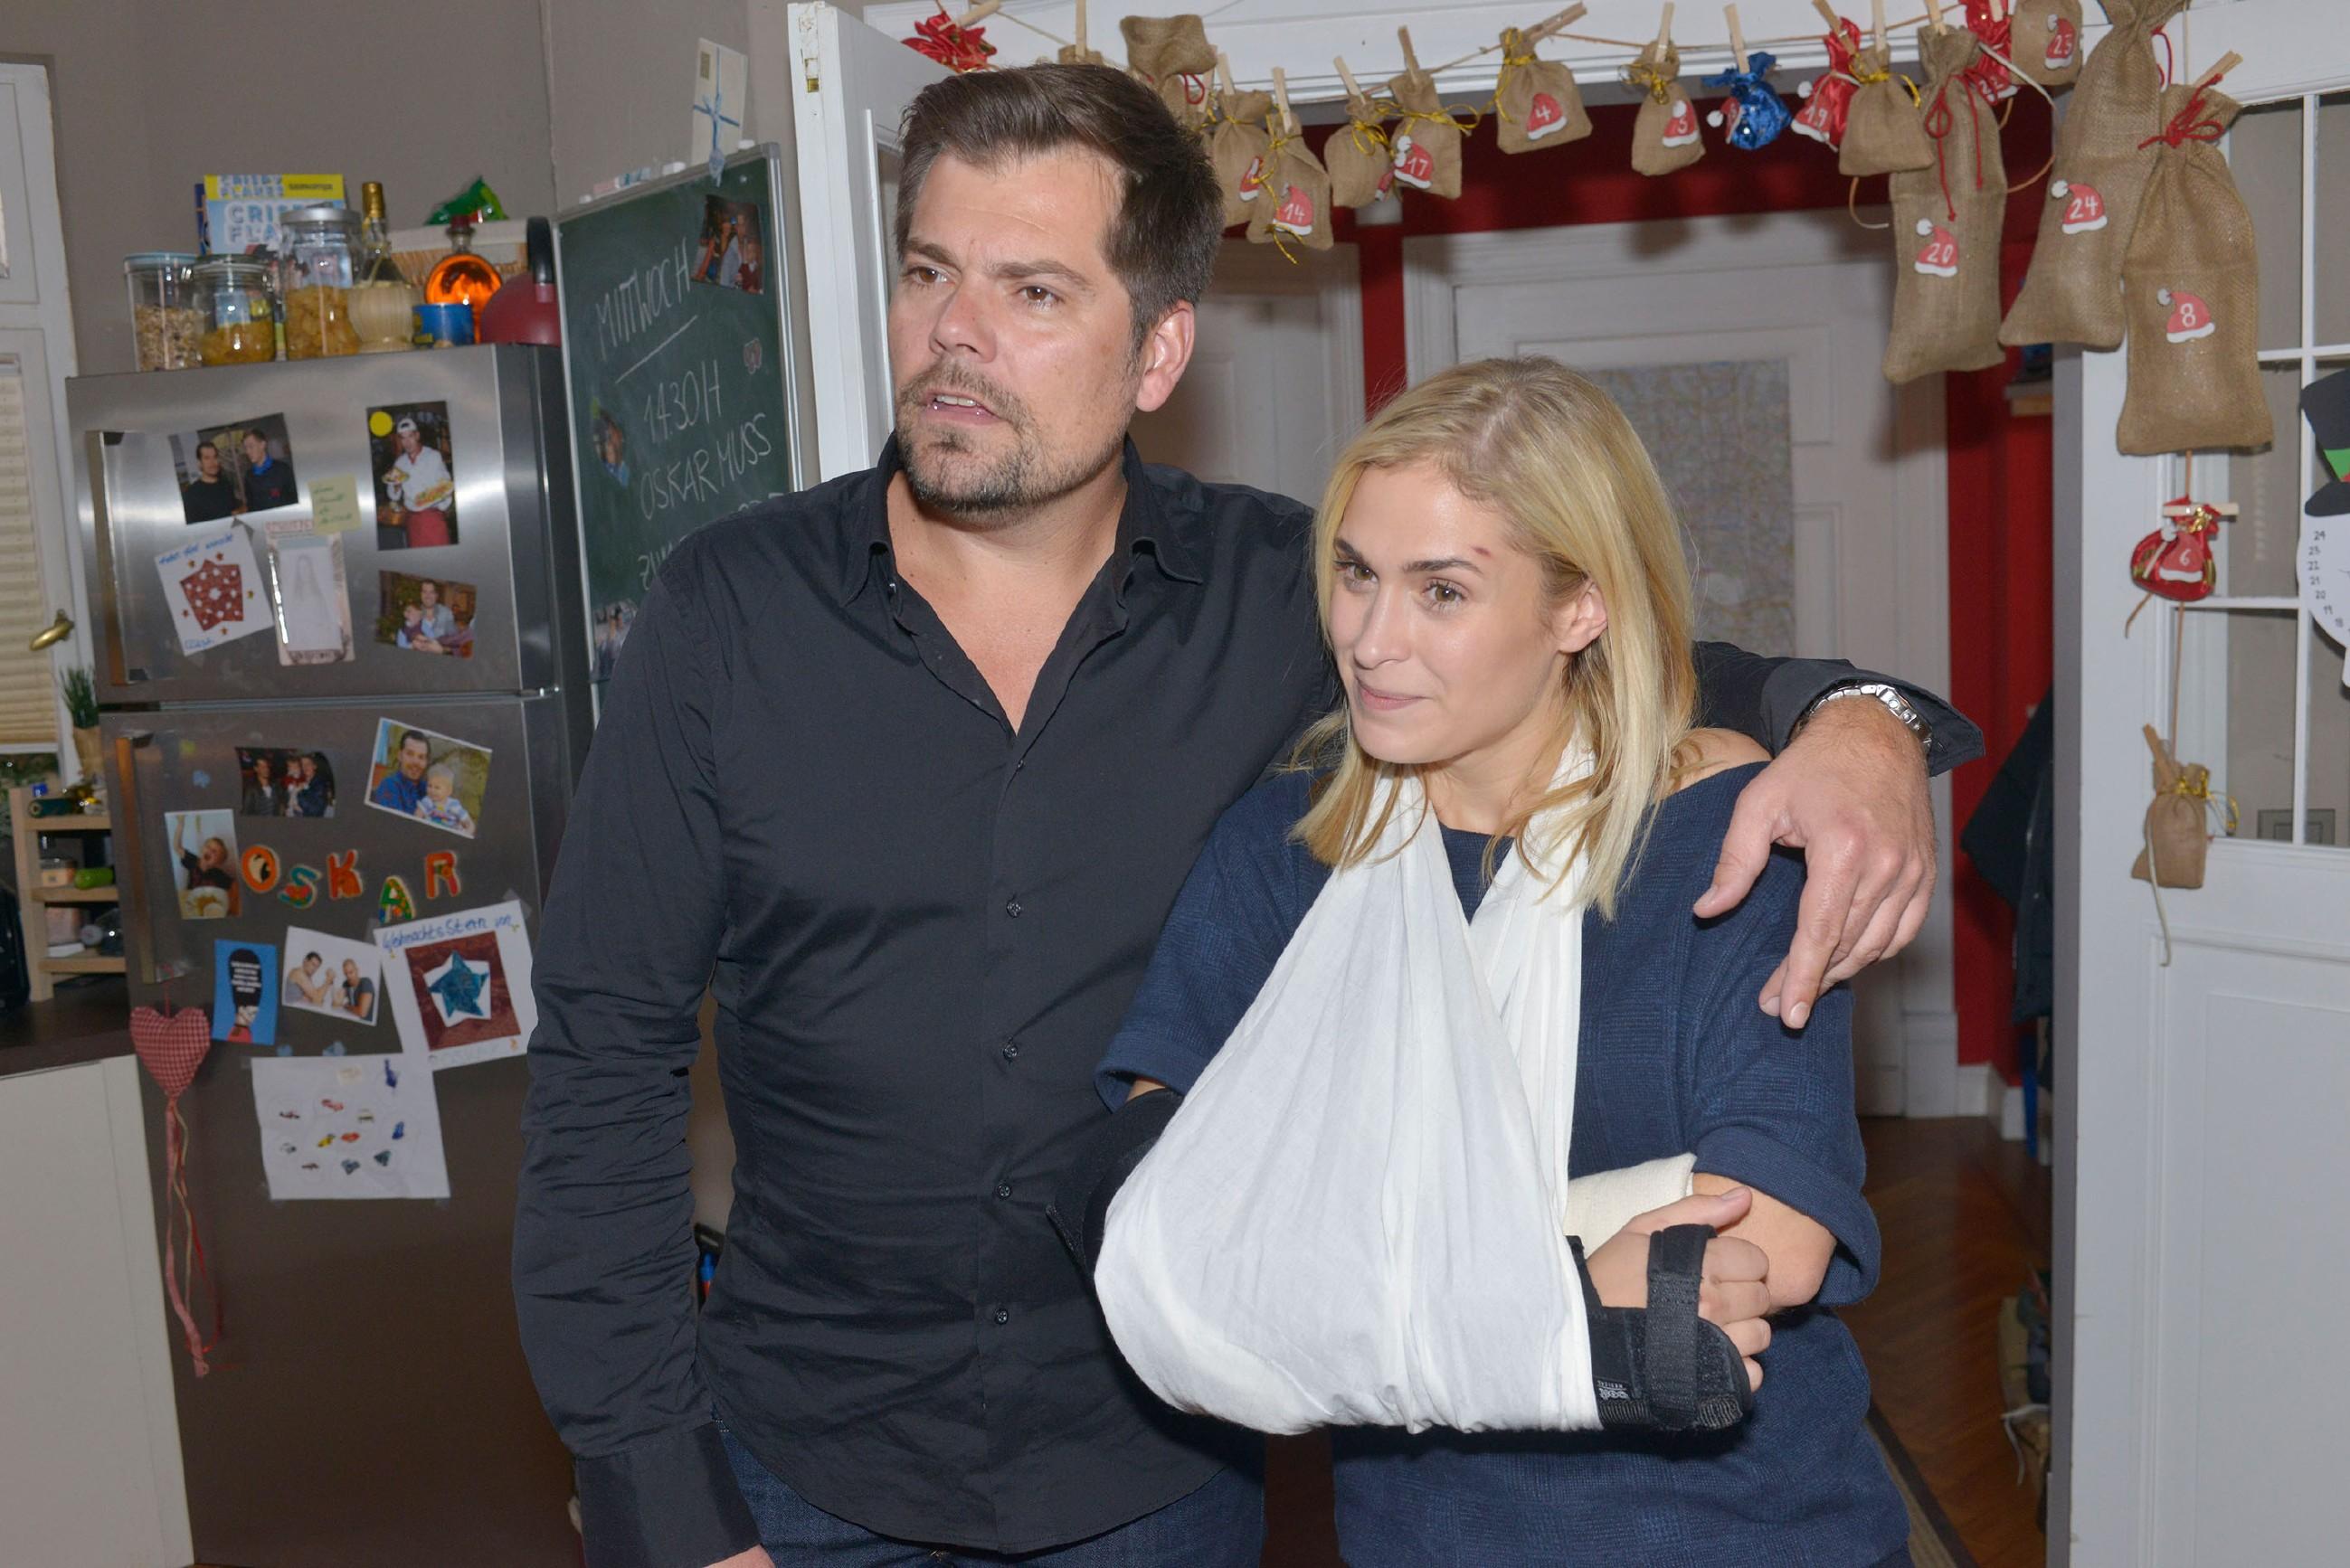 Leon (Daniel Fehlow) ist überrascht, dass die Haushaltshilfe, die er für Sophie (Lea Marlen Woitack) gebucht hat, sich als ein äußerst attraktiver junger Mann namens Eike herausstellt... (Quelle: RTL / Rolf Baumgartner)